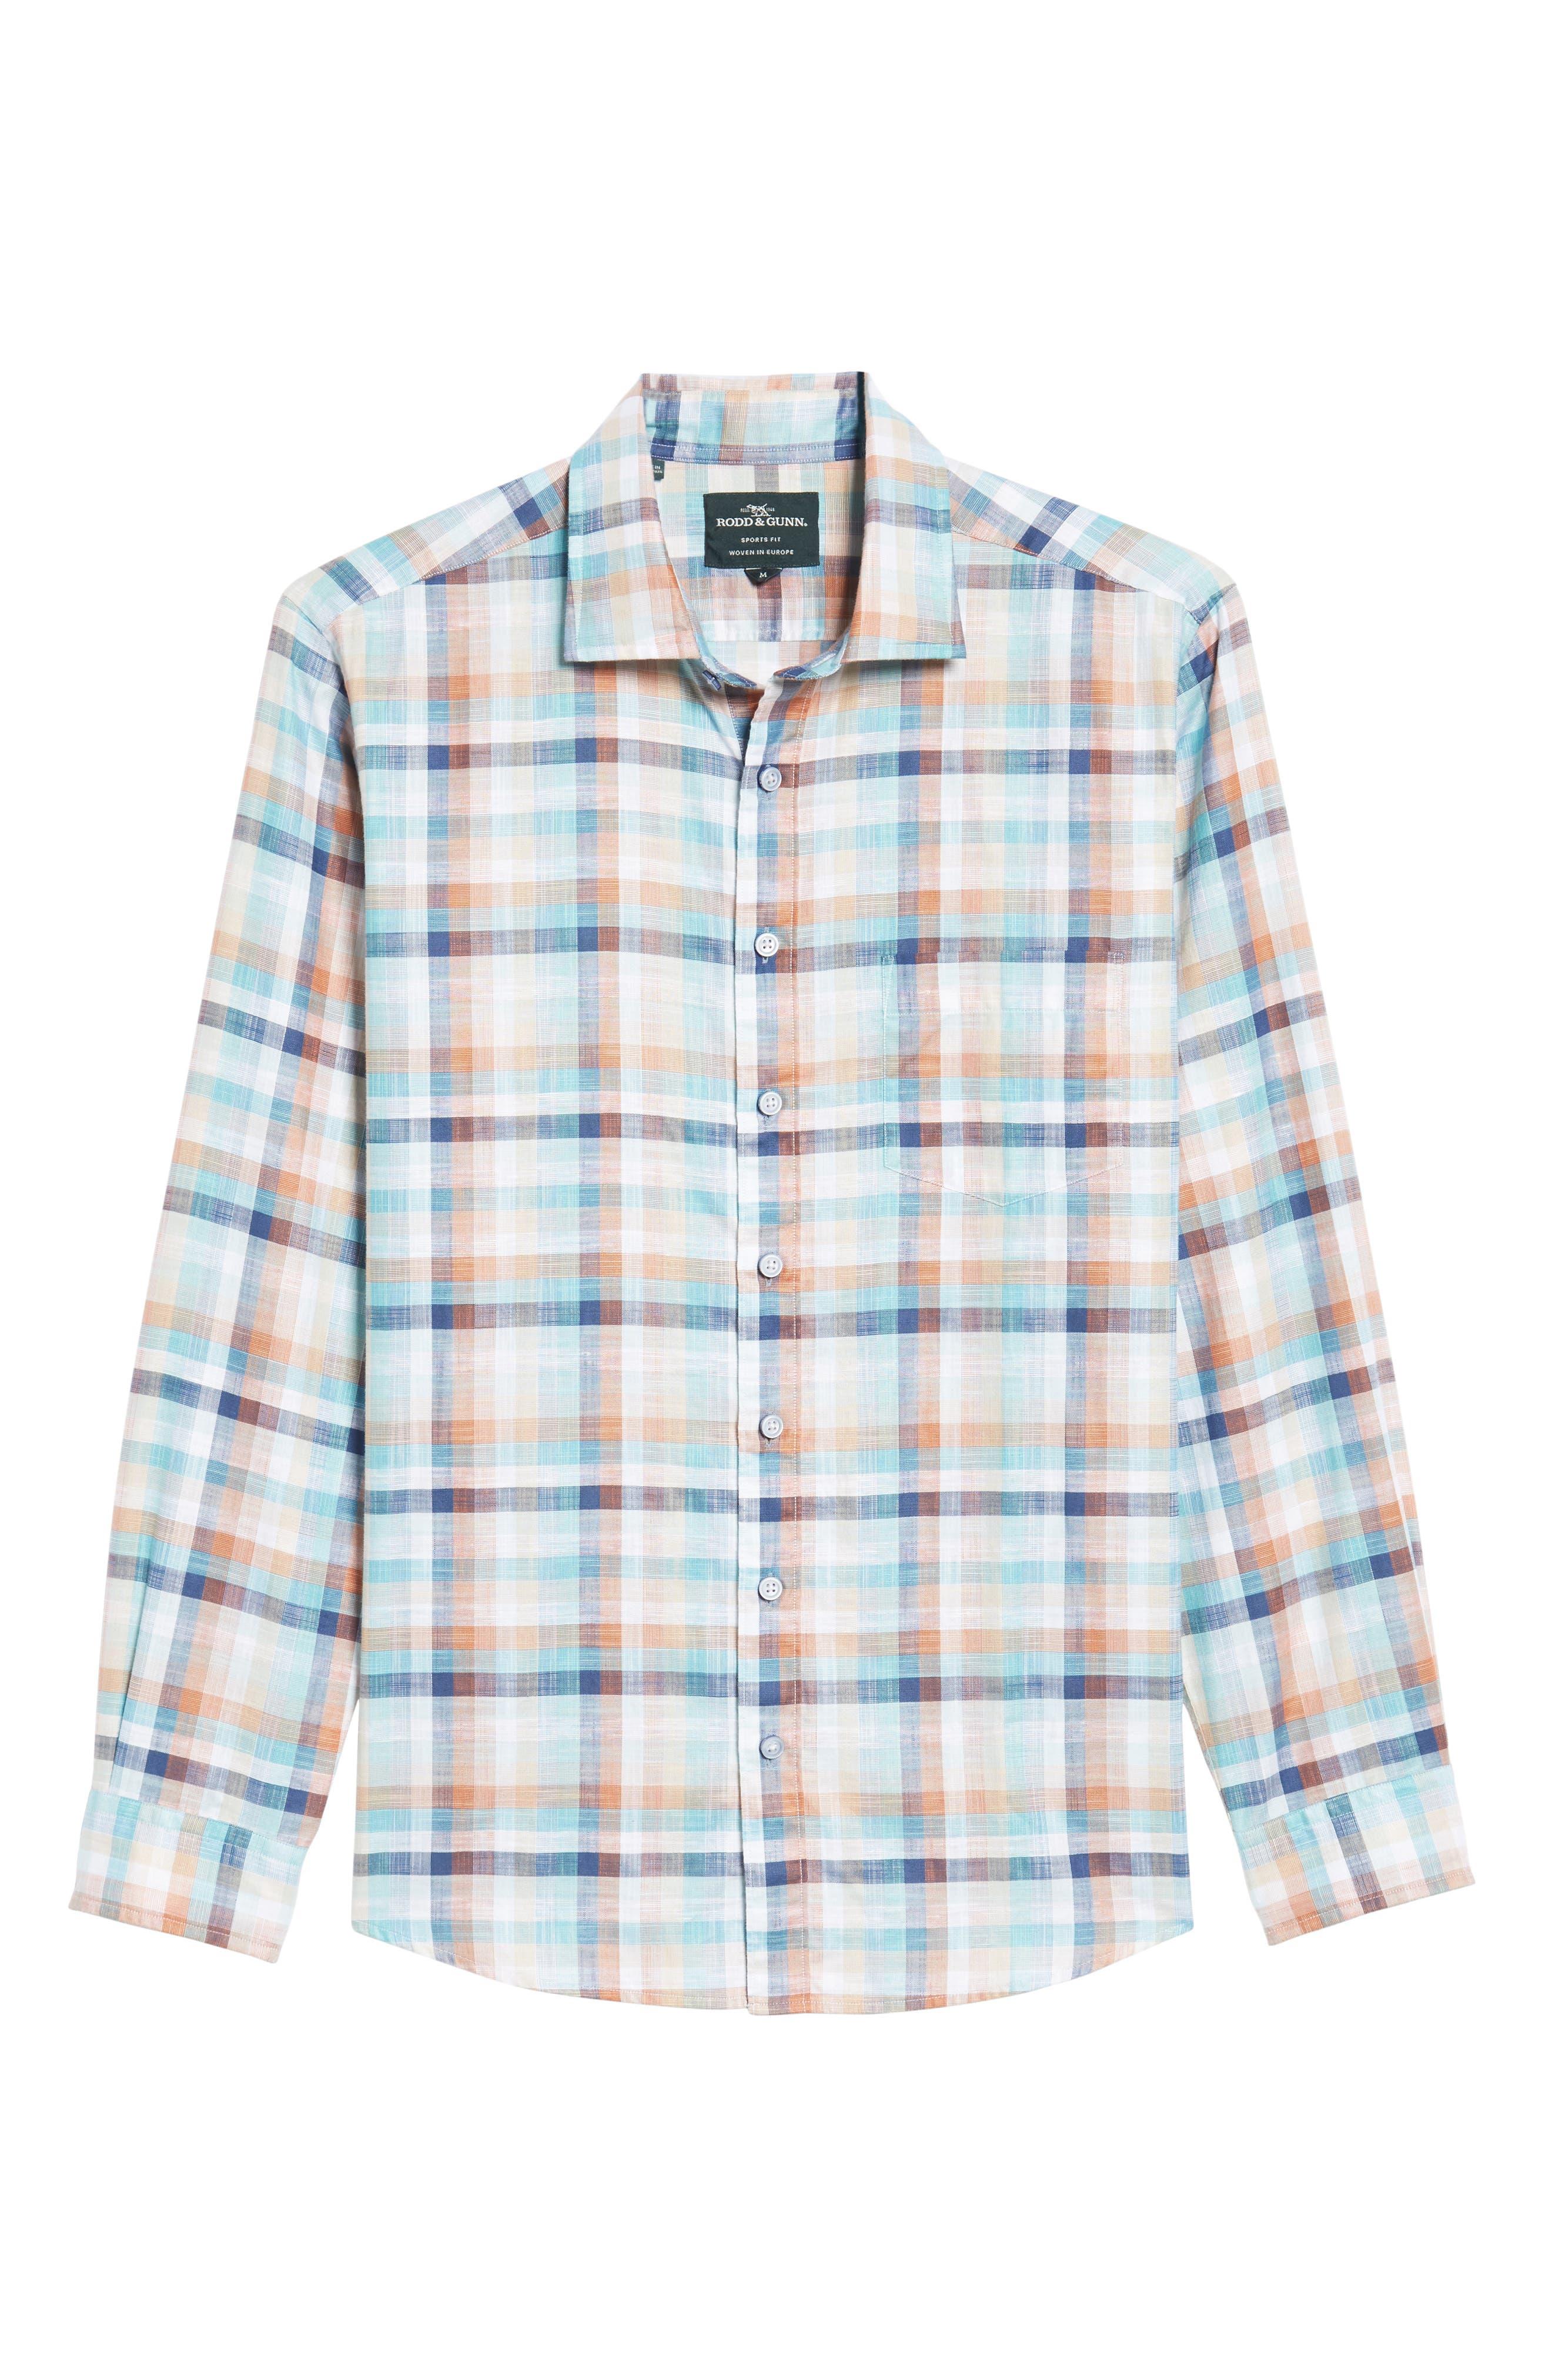 Blackburn Plaid Sport Shirt,                             Alternate thumbnail 6, color,                             200